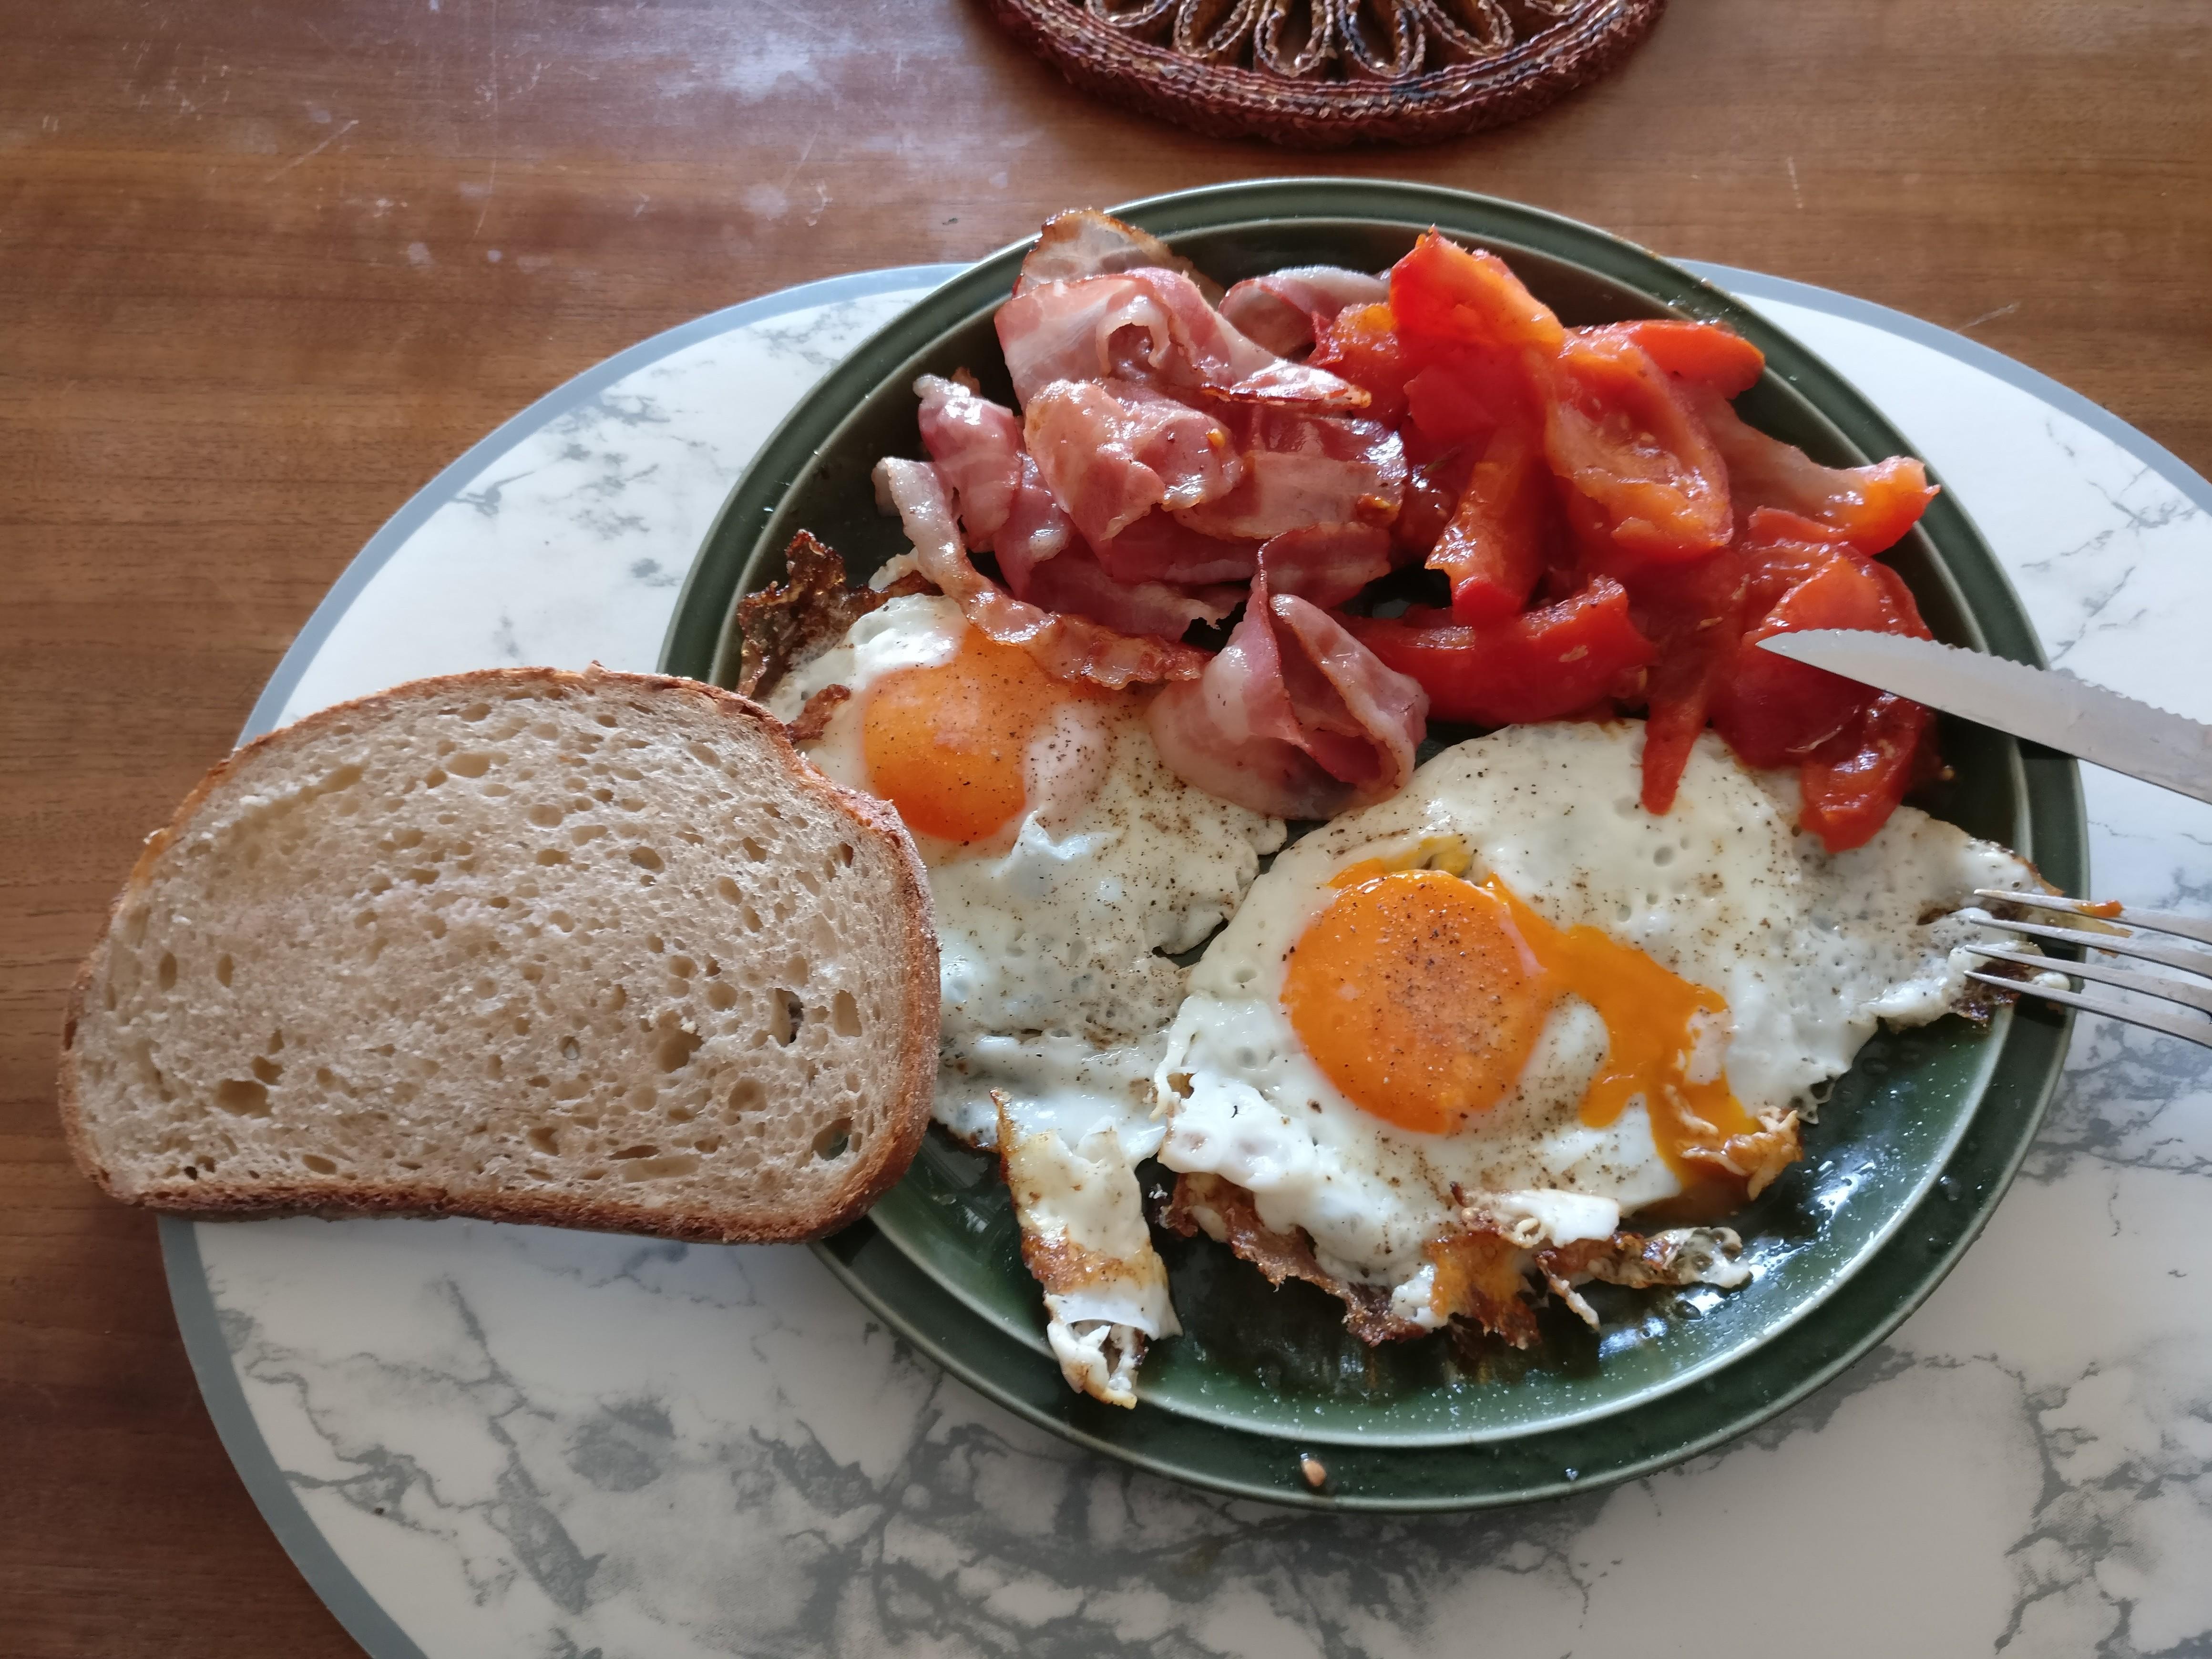 http://foodloader.net/nico_2017-04-08_spiegeleier-speck-tomate-brot.jpg